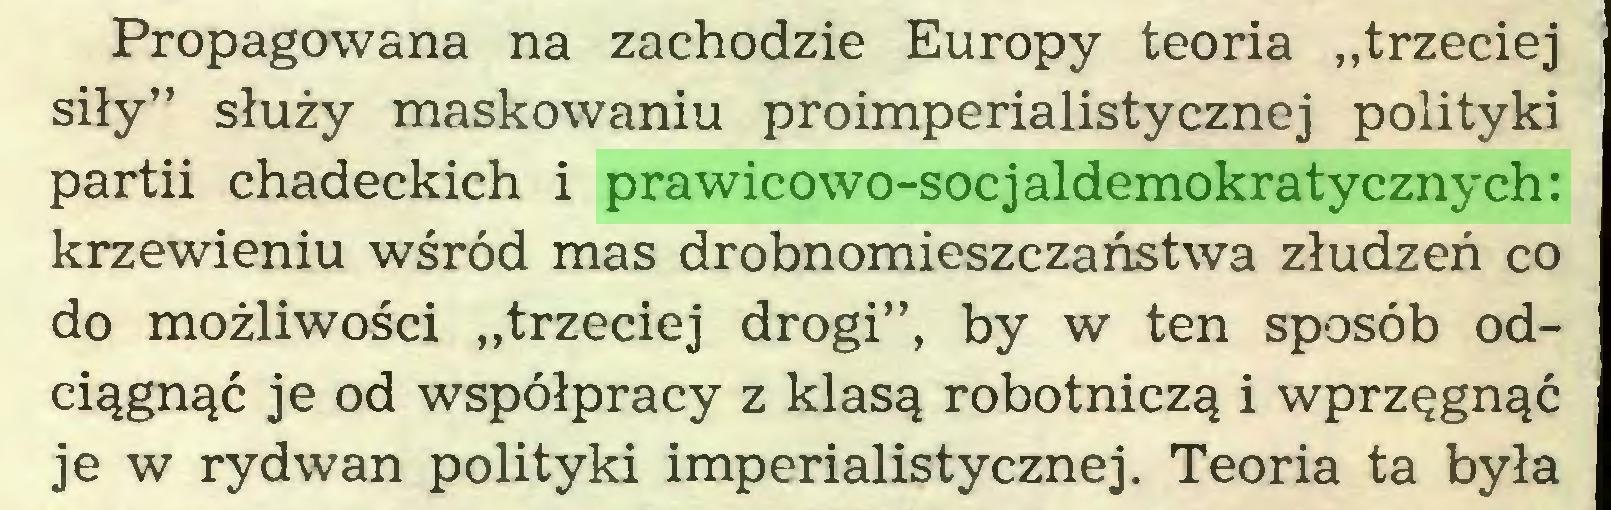 """(...) Propagowana na zachodzie Europy teoria """"trzeciej siły"""" służy maskowaniu proimperialistycznej polityki partii chadeckich i prawicowo-socjaldemokratycznych: krzewieniu wśród mas drobnomieszczaństwa złudzeń co do możliwości """"trzeciej drogi"""", by w ten sposób odciągnąć je od współpracy z klasą robotniczą i wprzęgnąć je w rydwan polityki imperialistycznej. Teoria ta była..."""